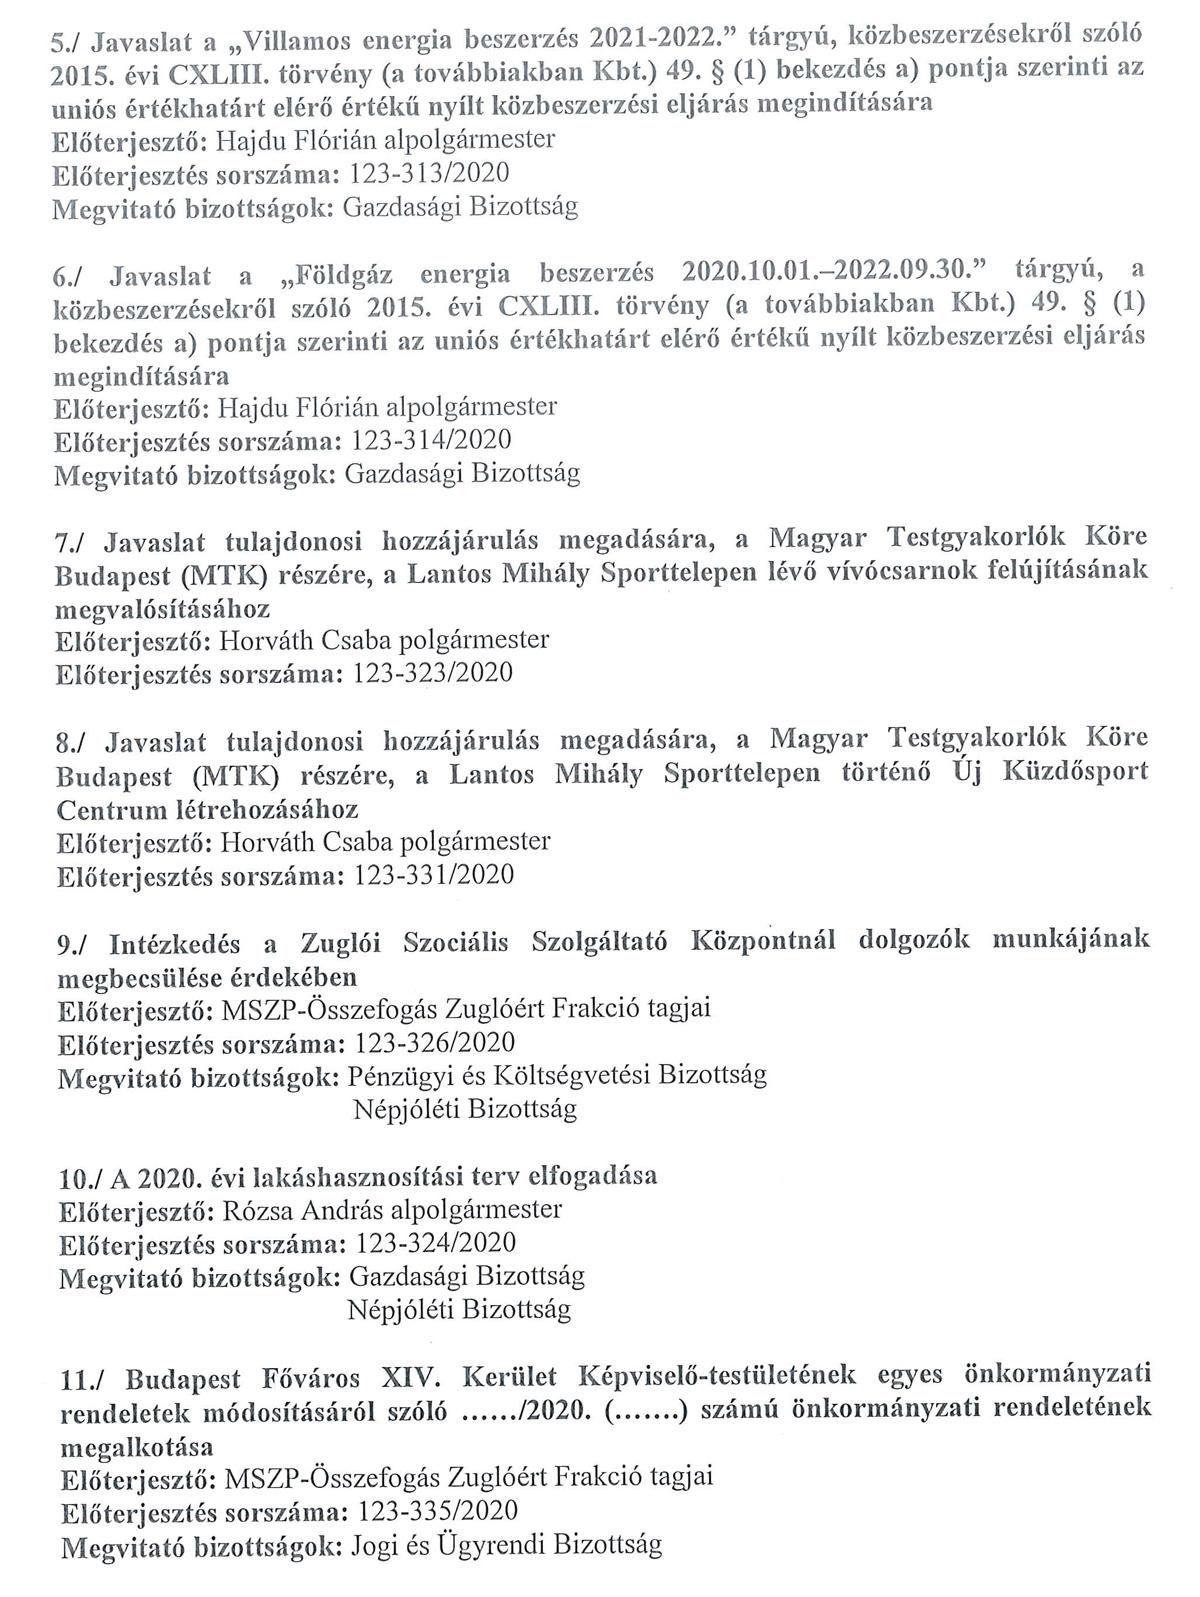 Beruházások és felújítások a győri egyetemen - Győr Megyei Jogú Város Honlapja